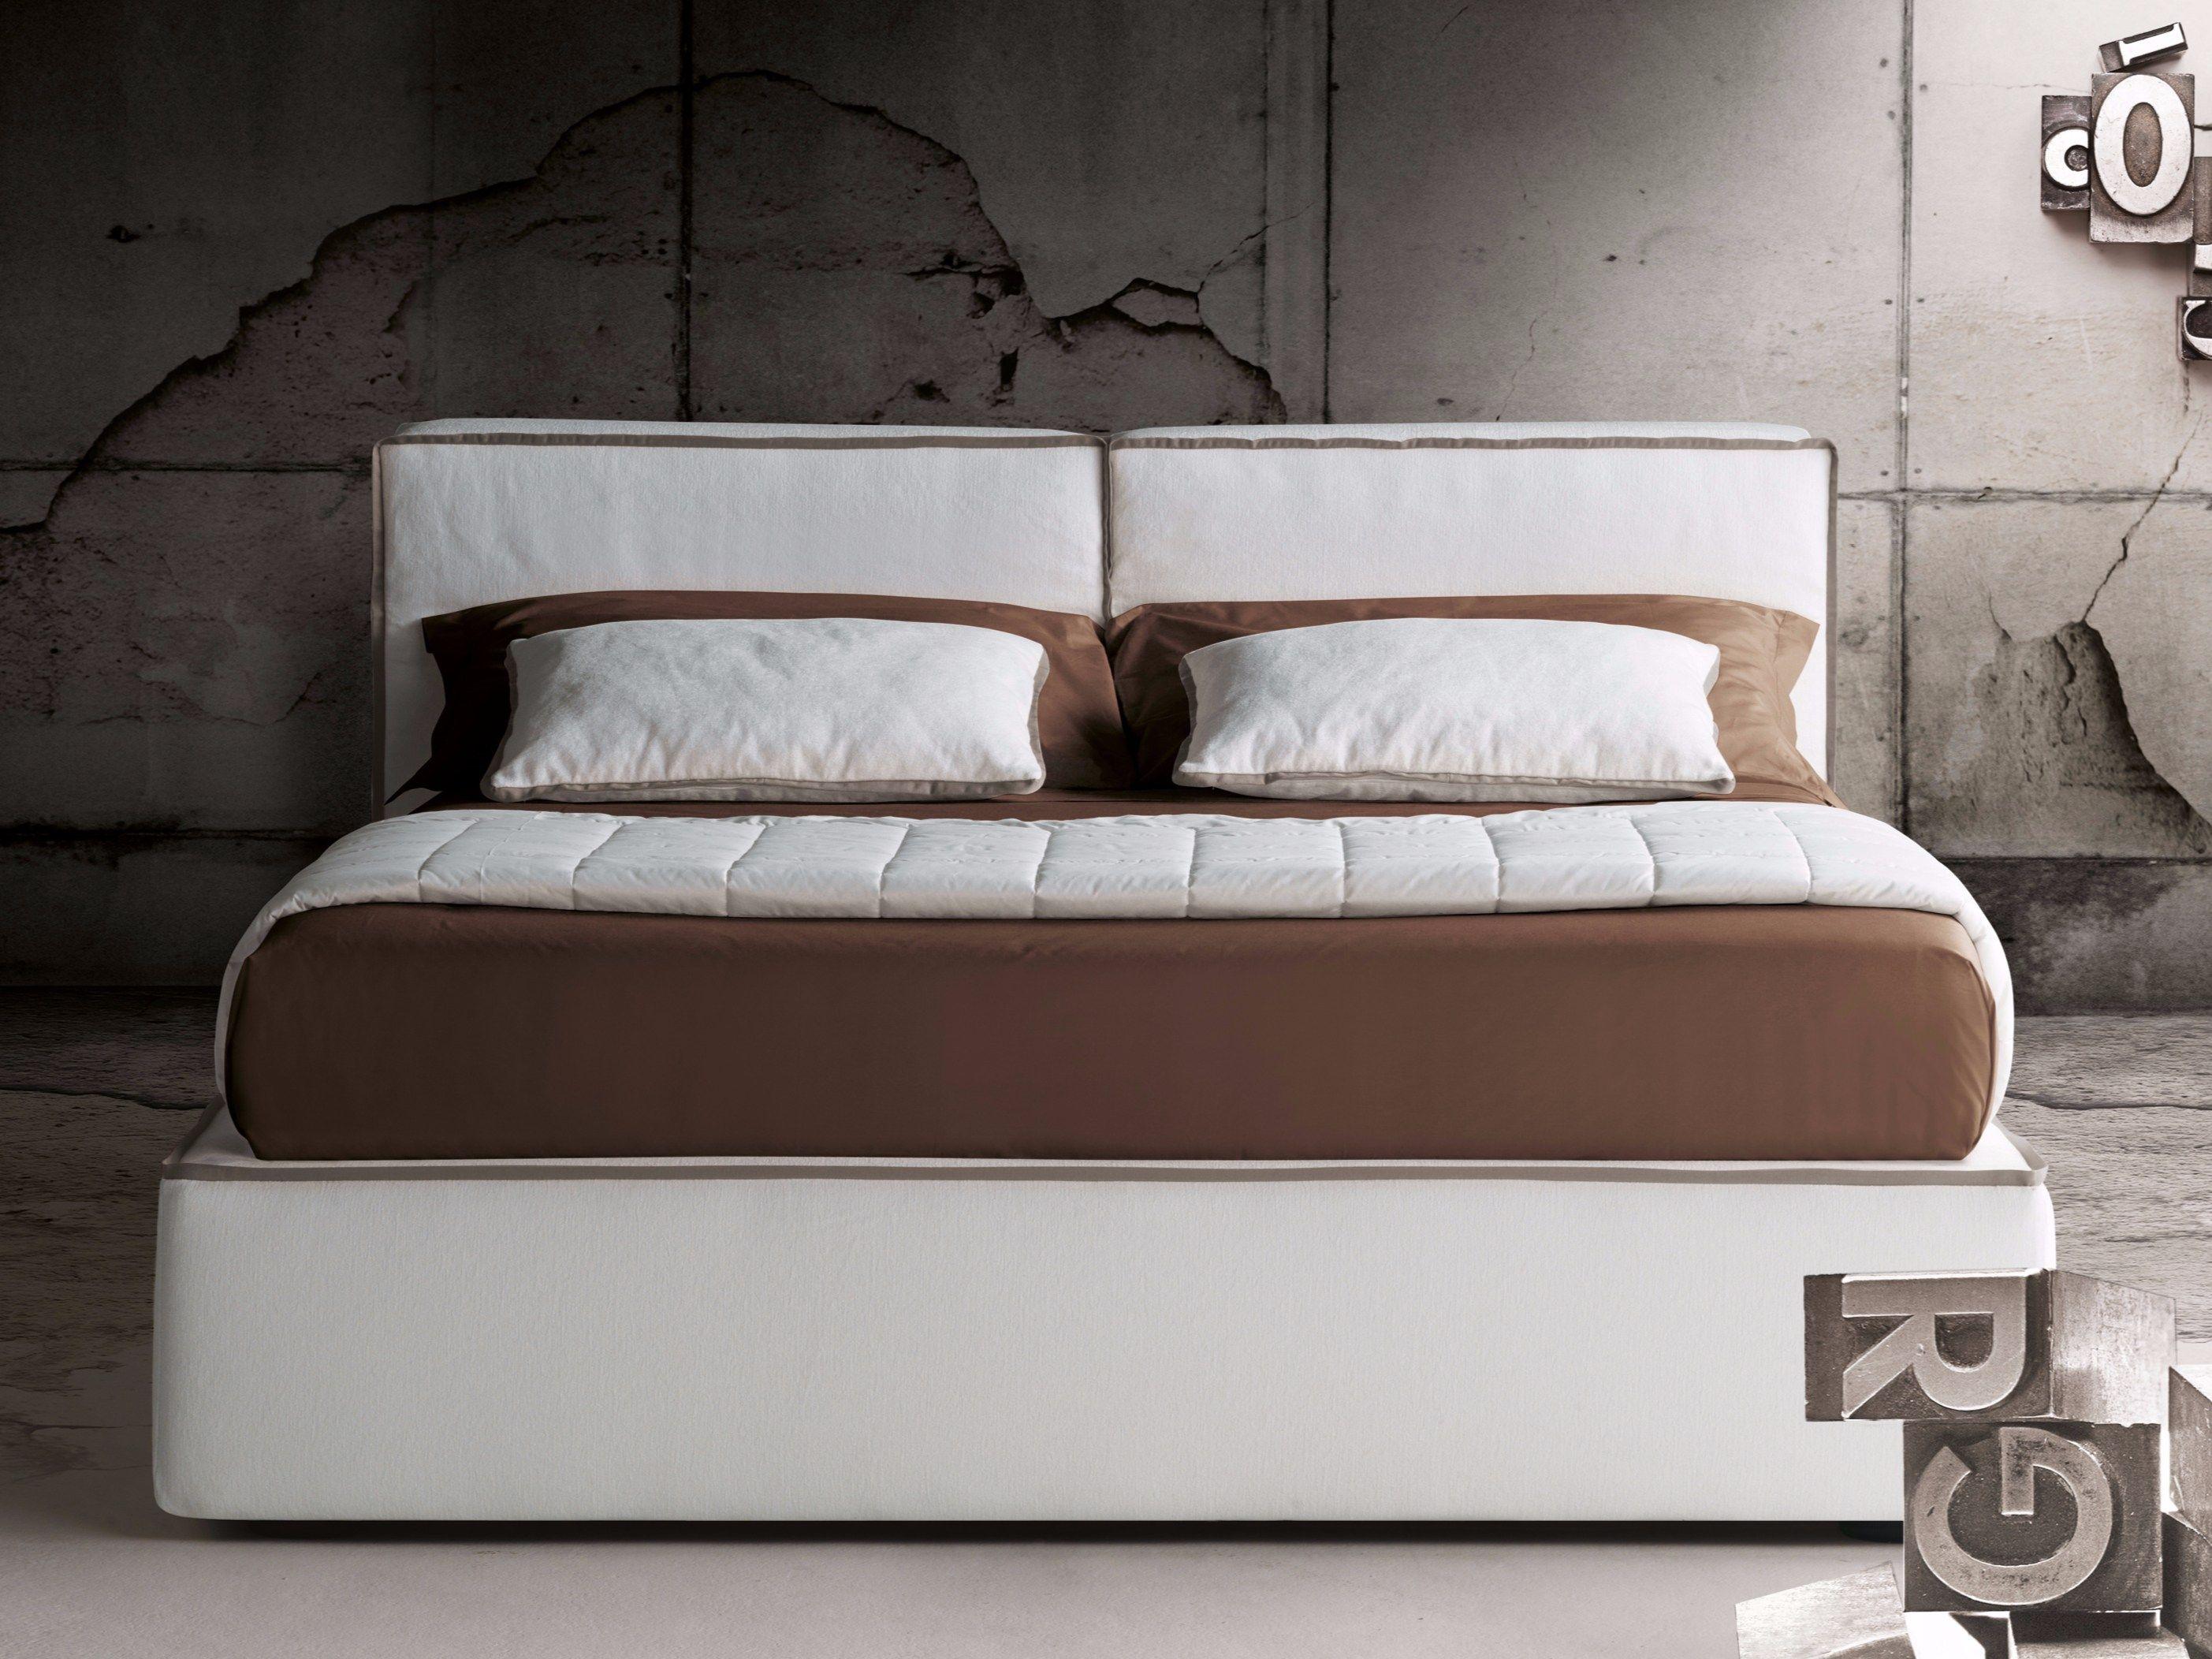 Letto matrimoniale con testiera imbottita guadalupe by for Milano bedding